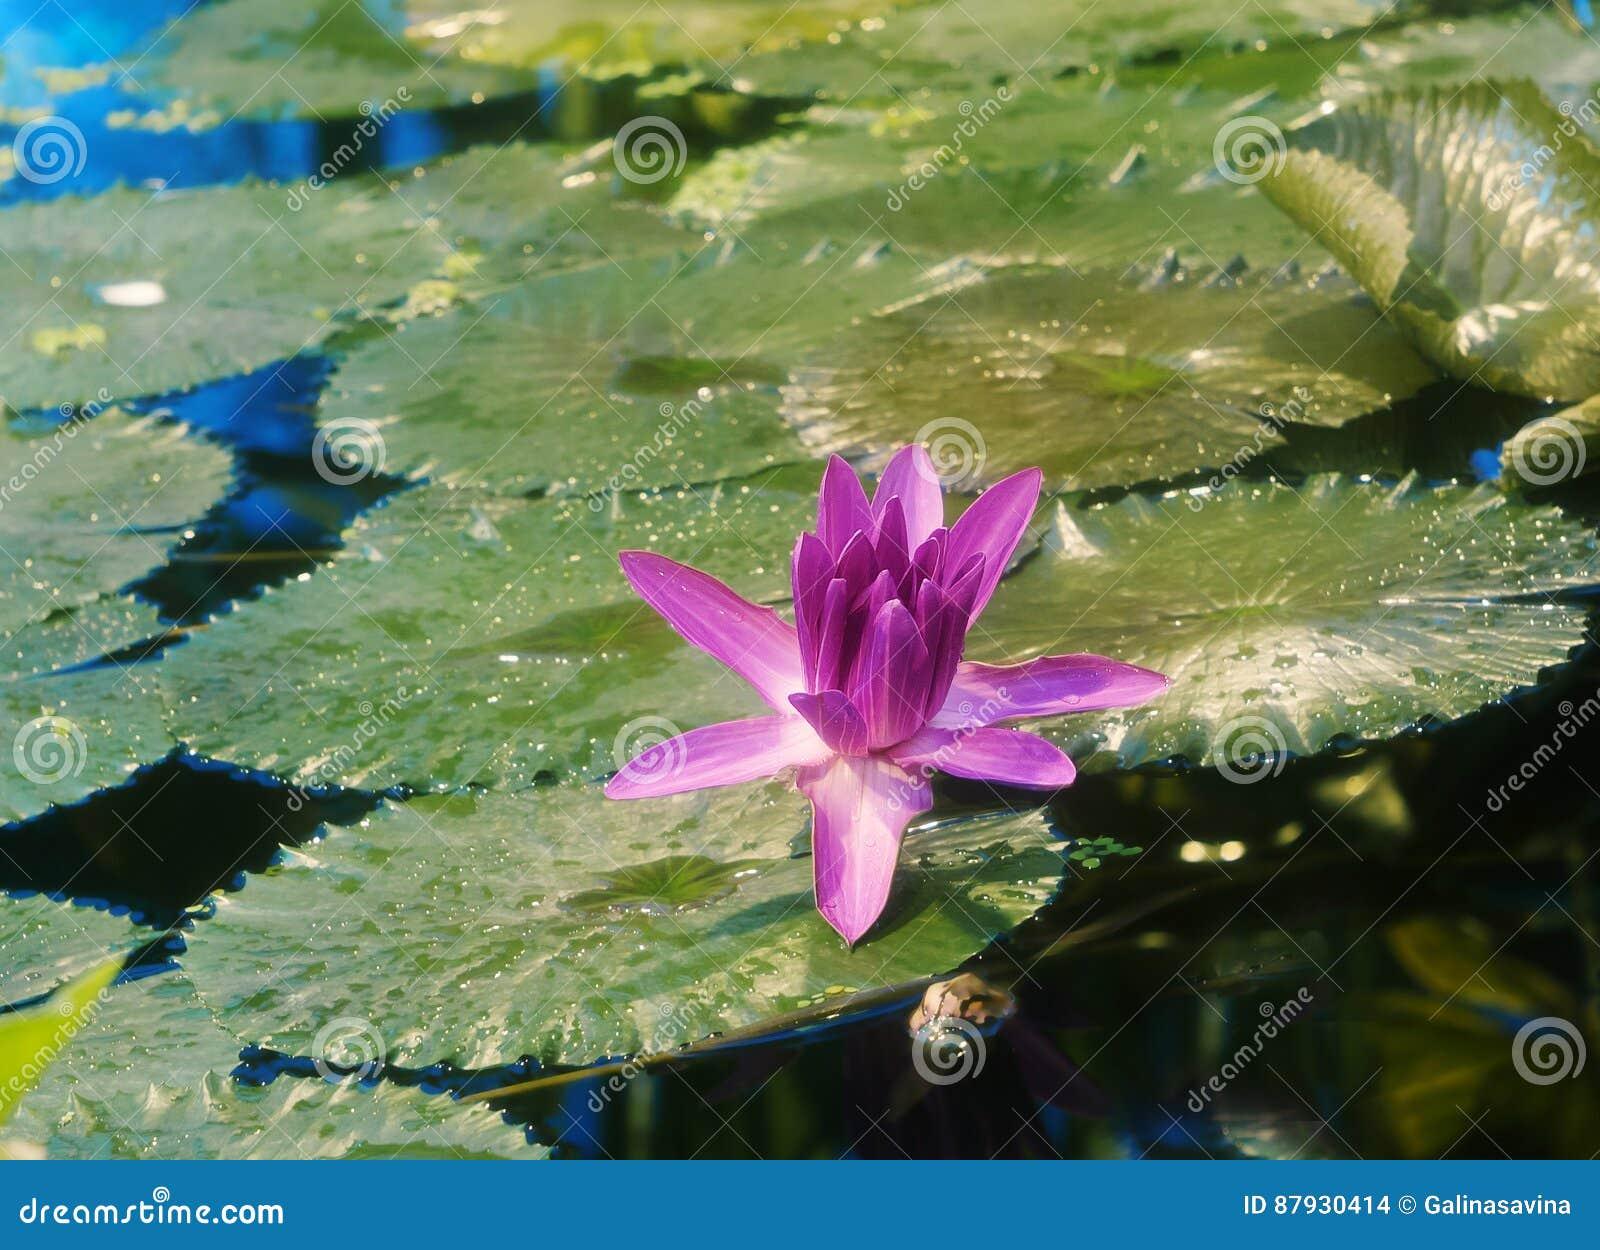 Ανθίστε τον κρίνο Lotus ή νερού